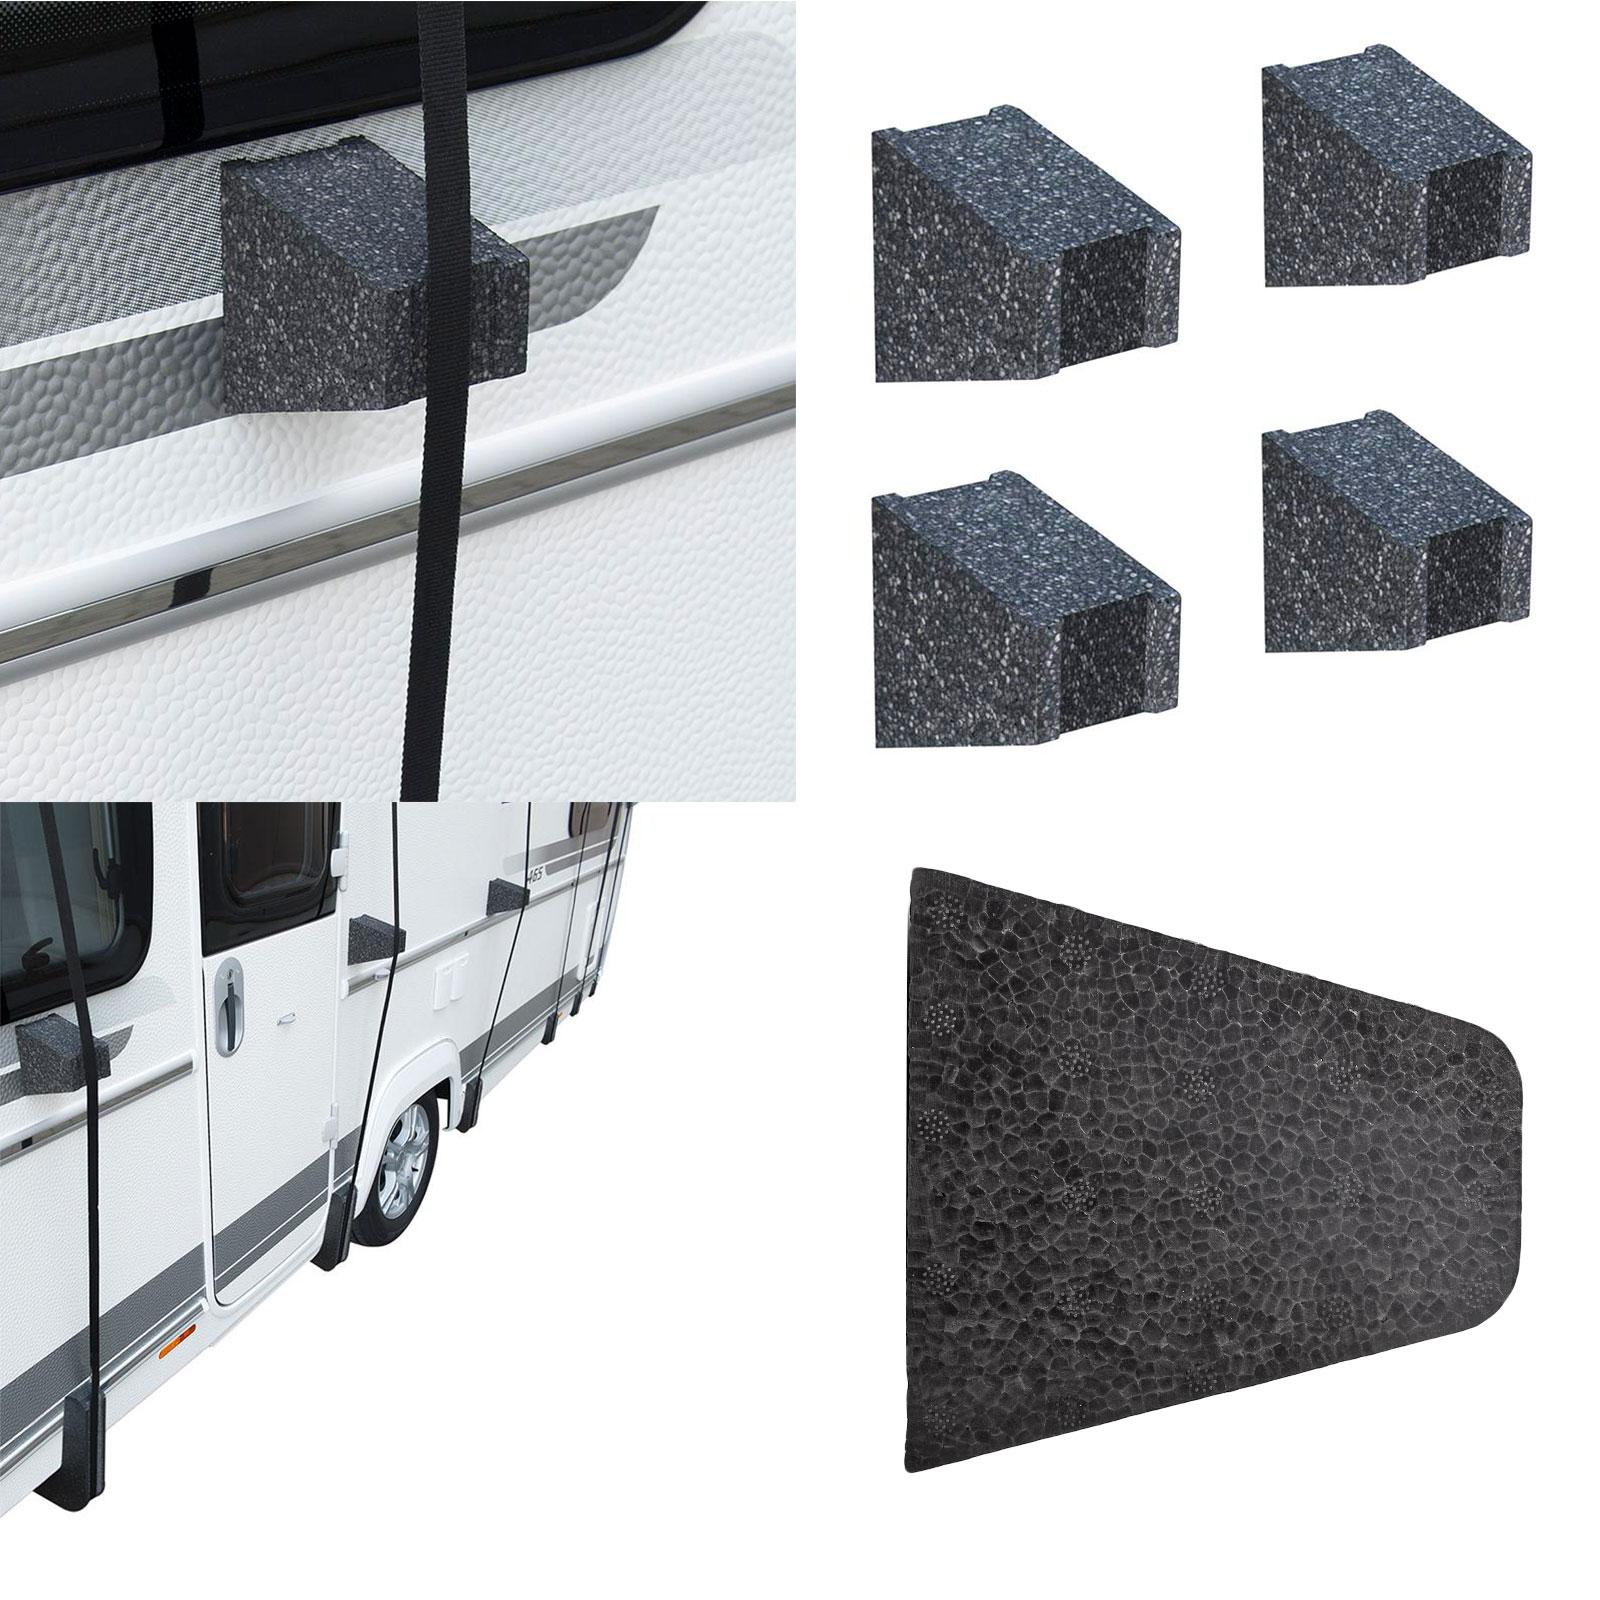 16x abstandshalter f r wohnwagen wohnmobil schutzd cher spezial styropor 12 5cm 4251460803465. Black Bedroom Furniture Sets. Home Design Ideas